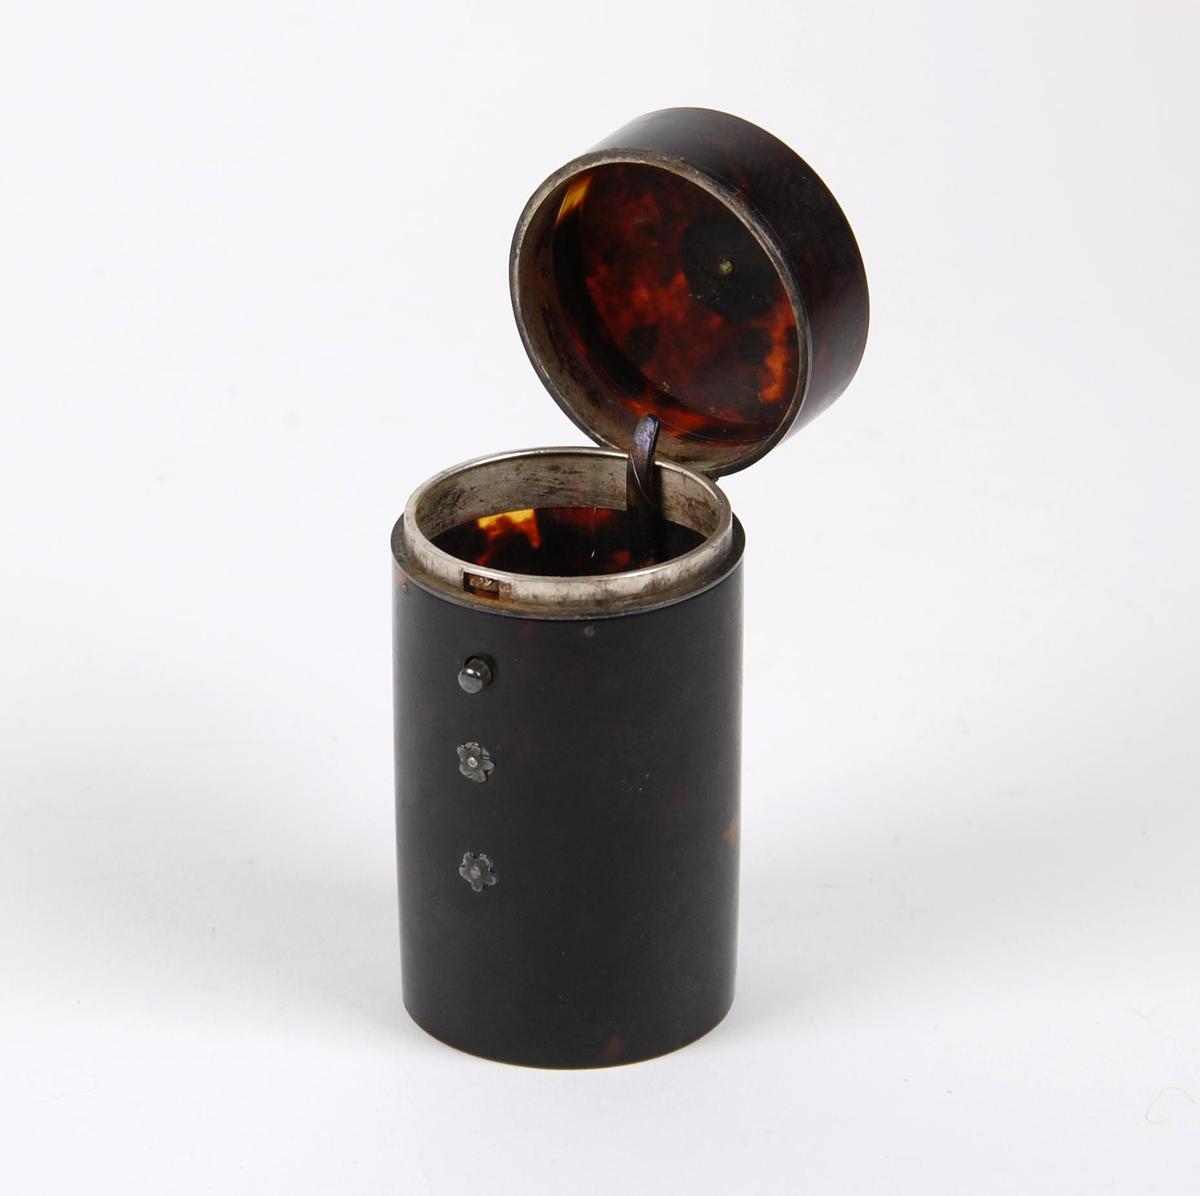 Etui av horn med dekor og lukning av sølv. Funksjon ukjent.